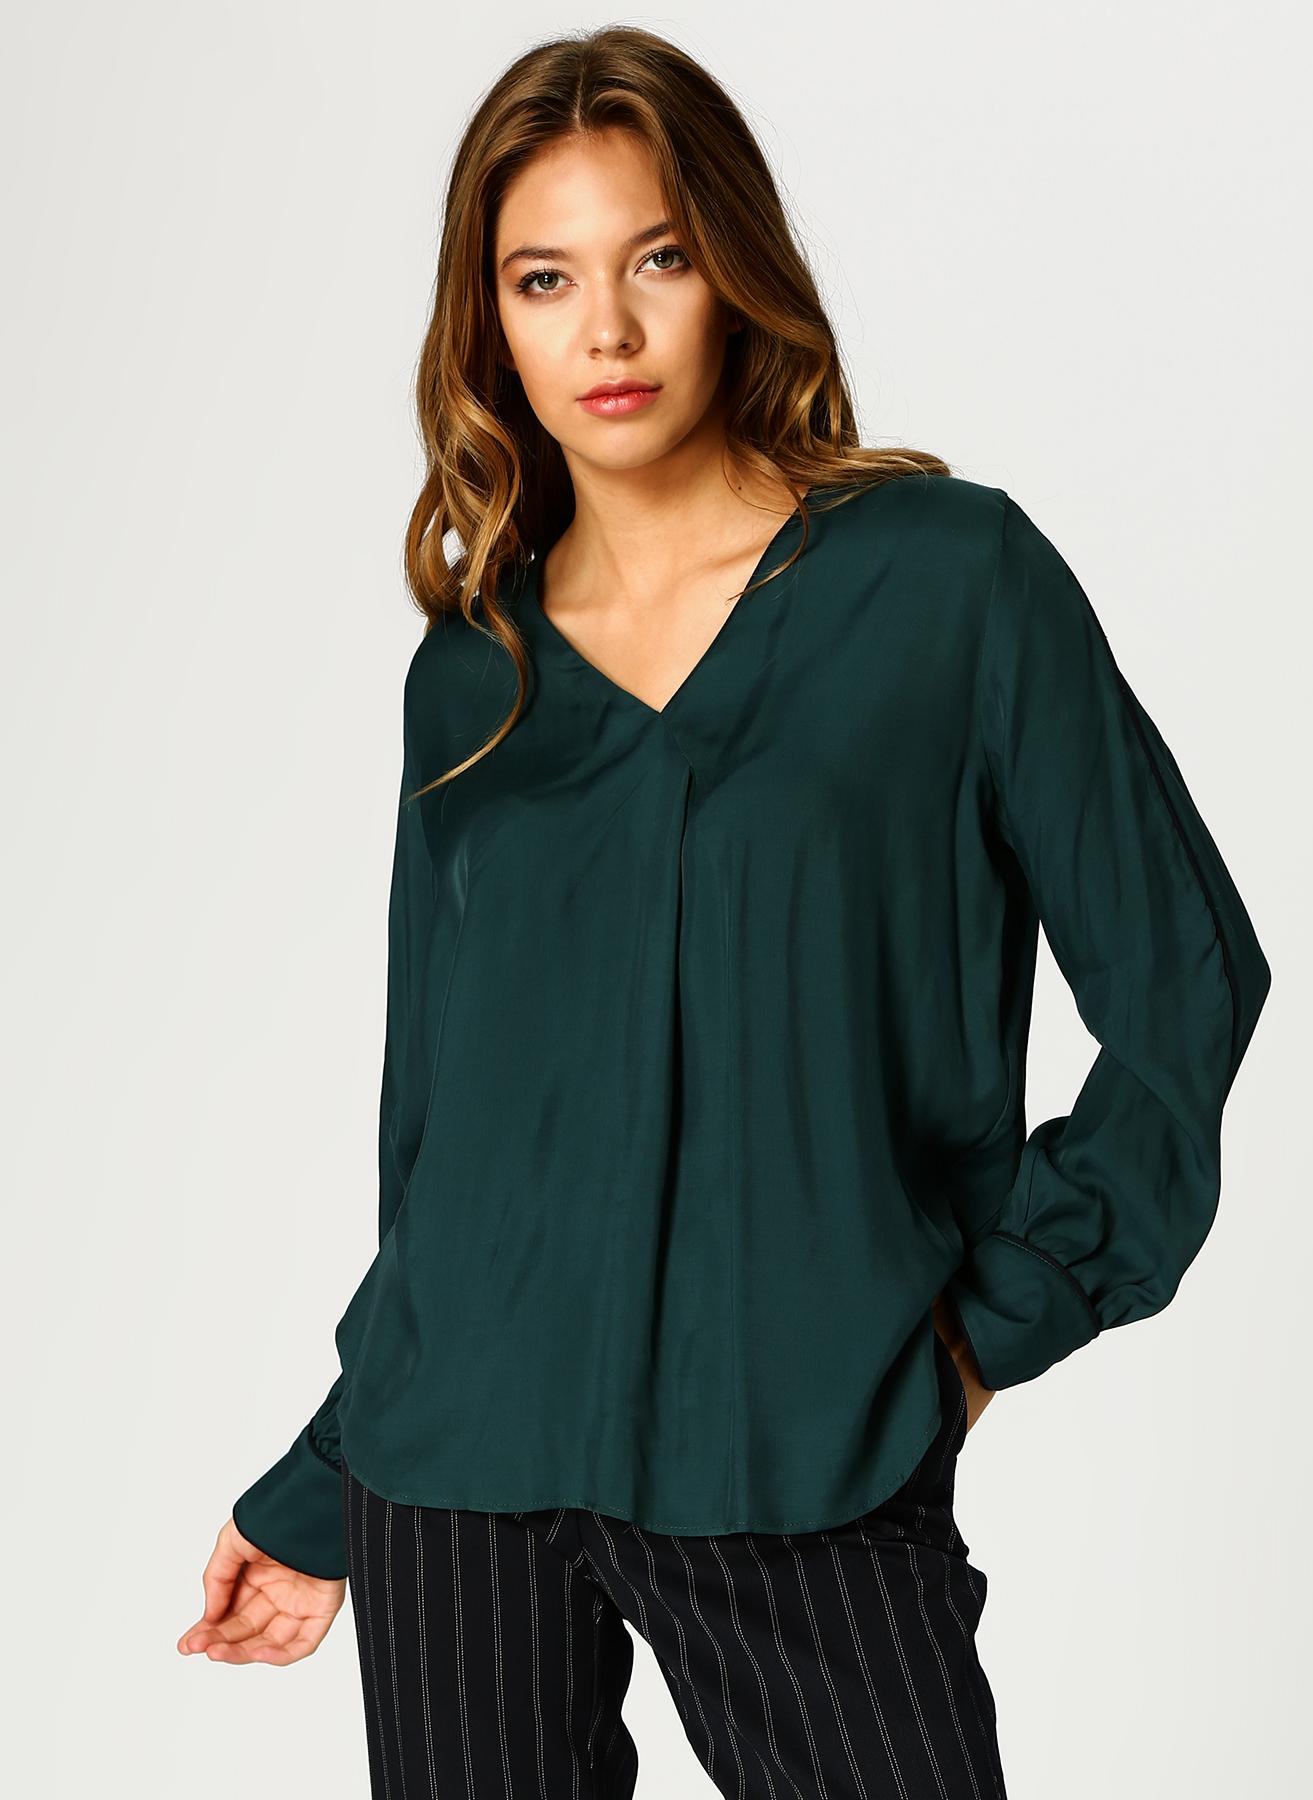 İpekyol Şerit Detaylı V Yaka Yeşil Bluz 40 5002346164004 Ürün Resmi